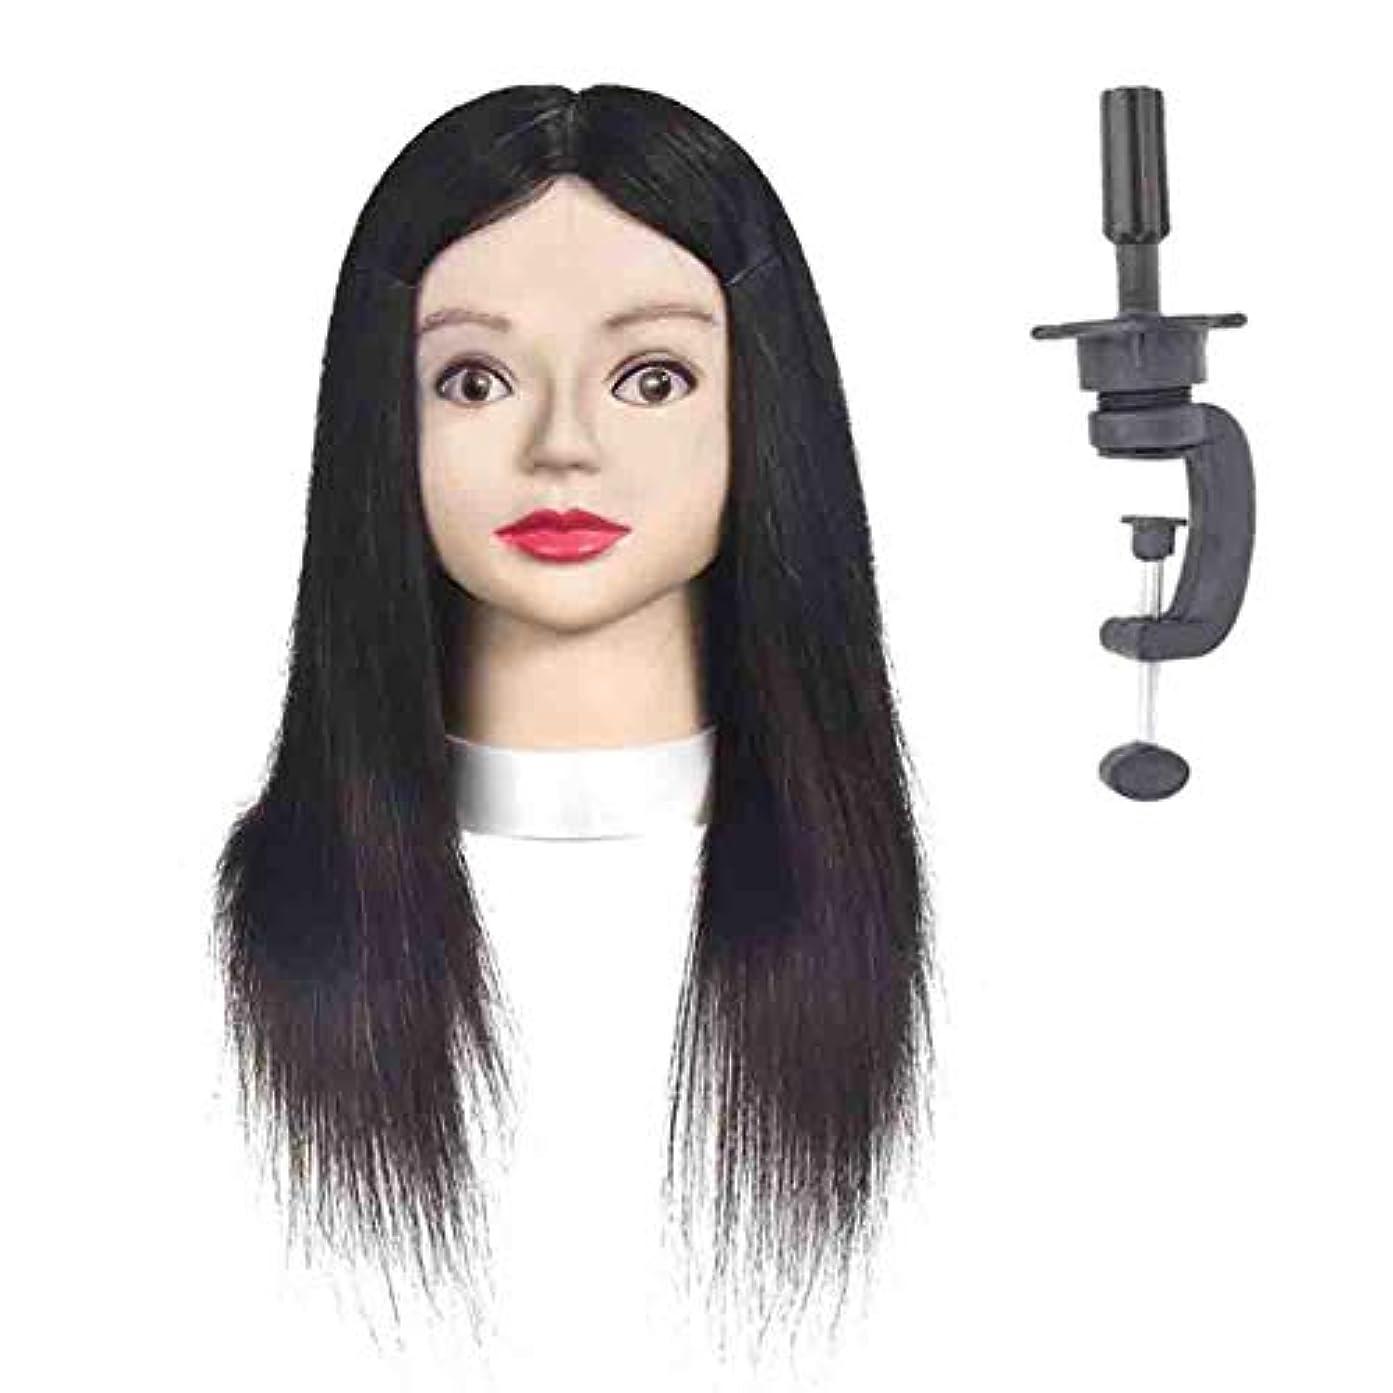 紀元前完全に乾く急ぐリアルヘアシルク編組ヘアスタイリングヘッドモデル理髪店理髪ダミーヘッドメイクアップ練習マネキンヘッド